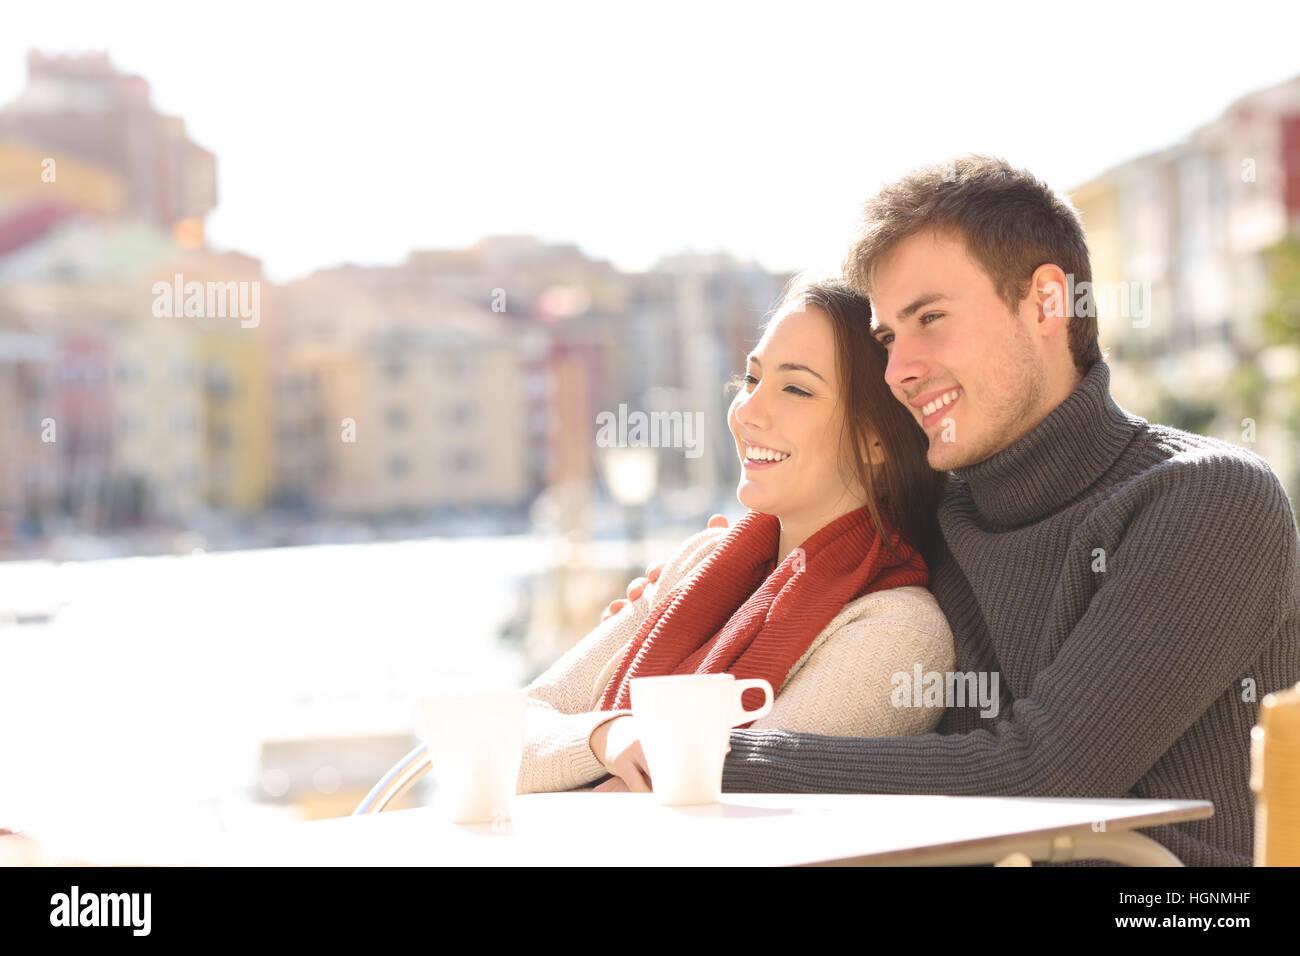 Coppia seduta rilassante in un hotel terrazza su vacanze con una porta in background in una giornata di sole di Immagini Stock